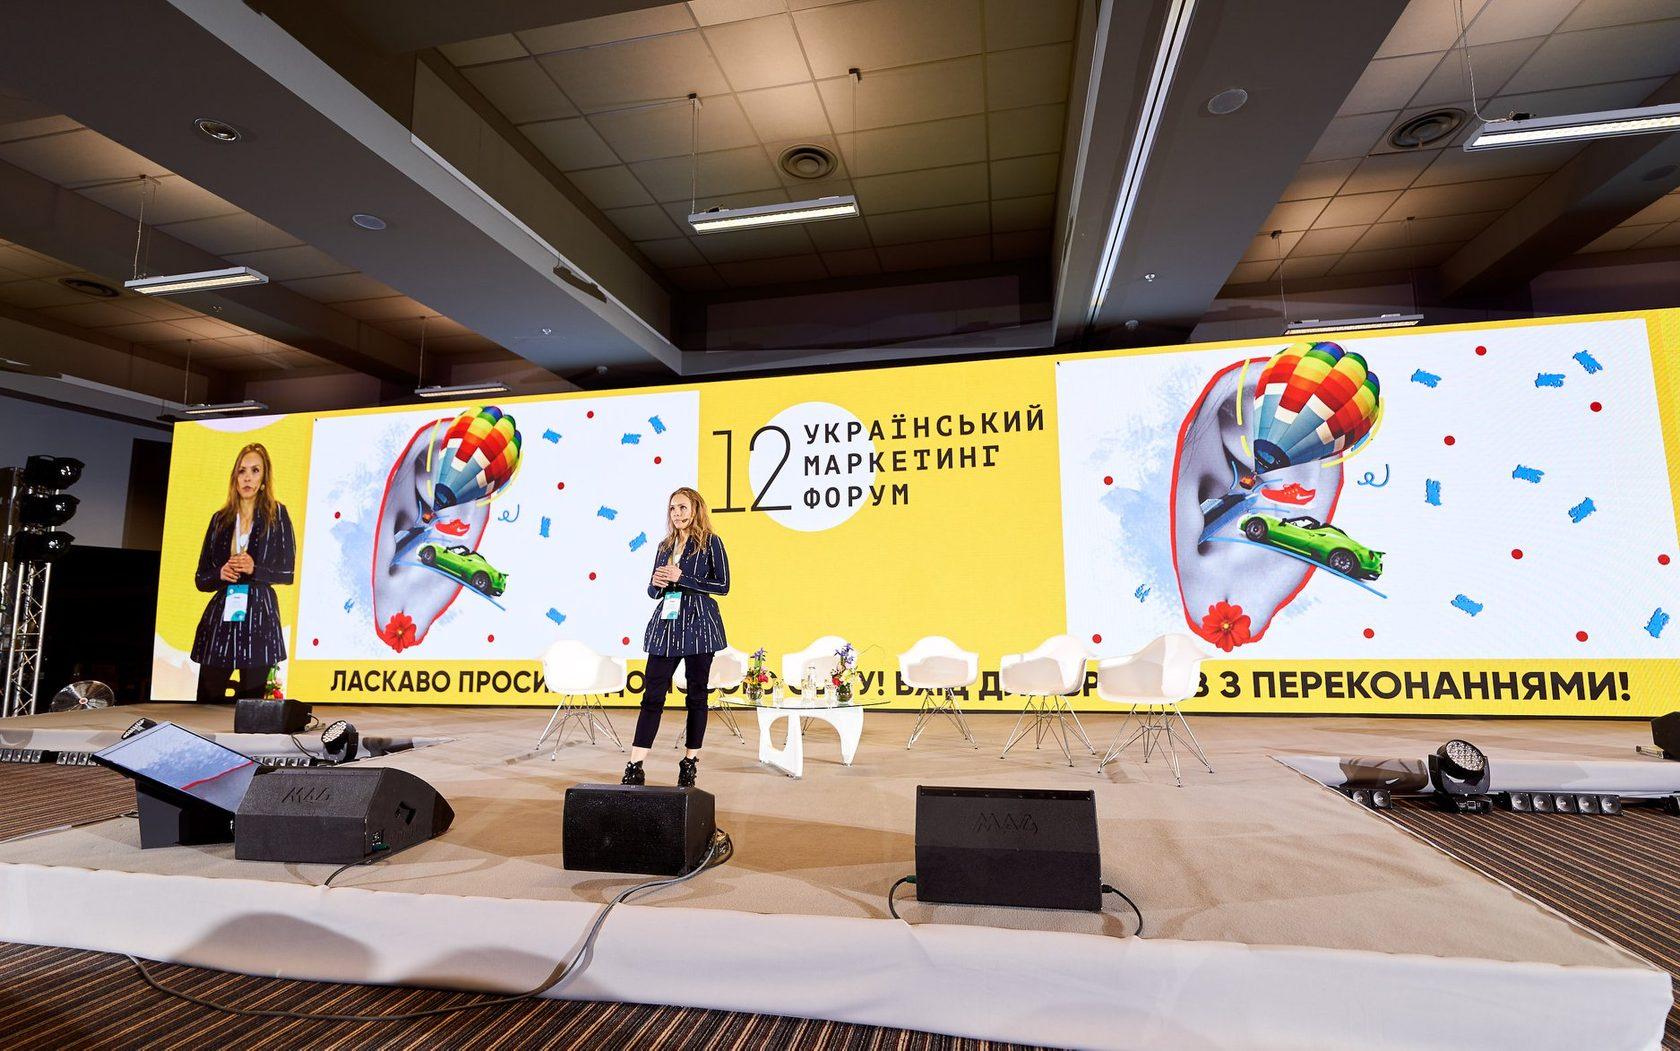 """Картинки по запросу """"украинский маркетинг форум"""""""